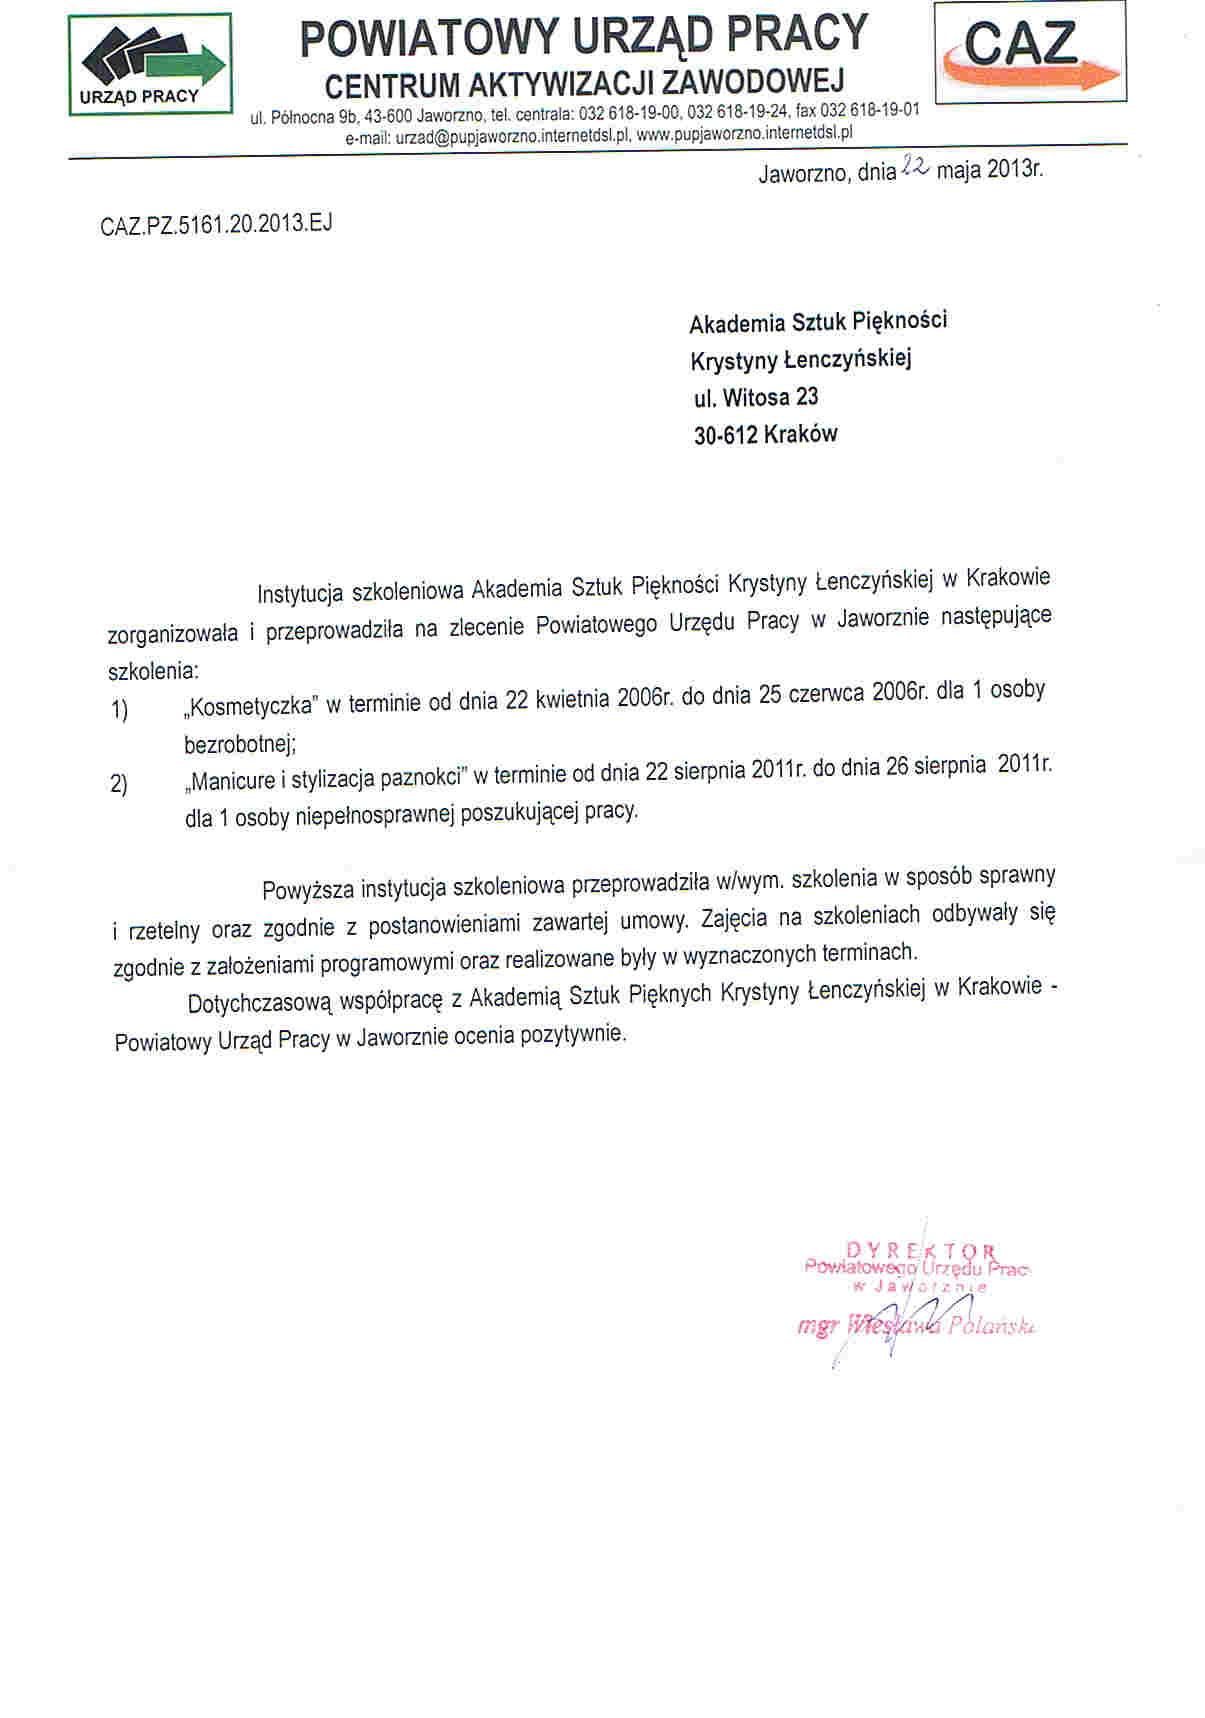 Powiatowy Urząd Pracy w Jaworznie-Jaworzno